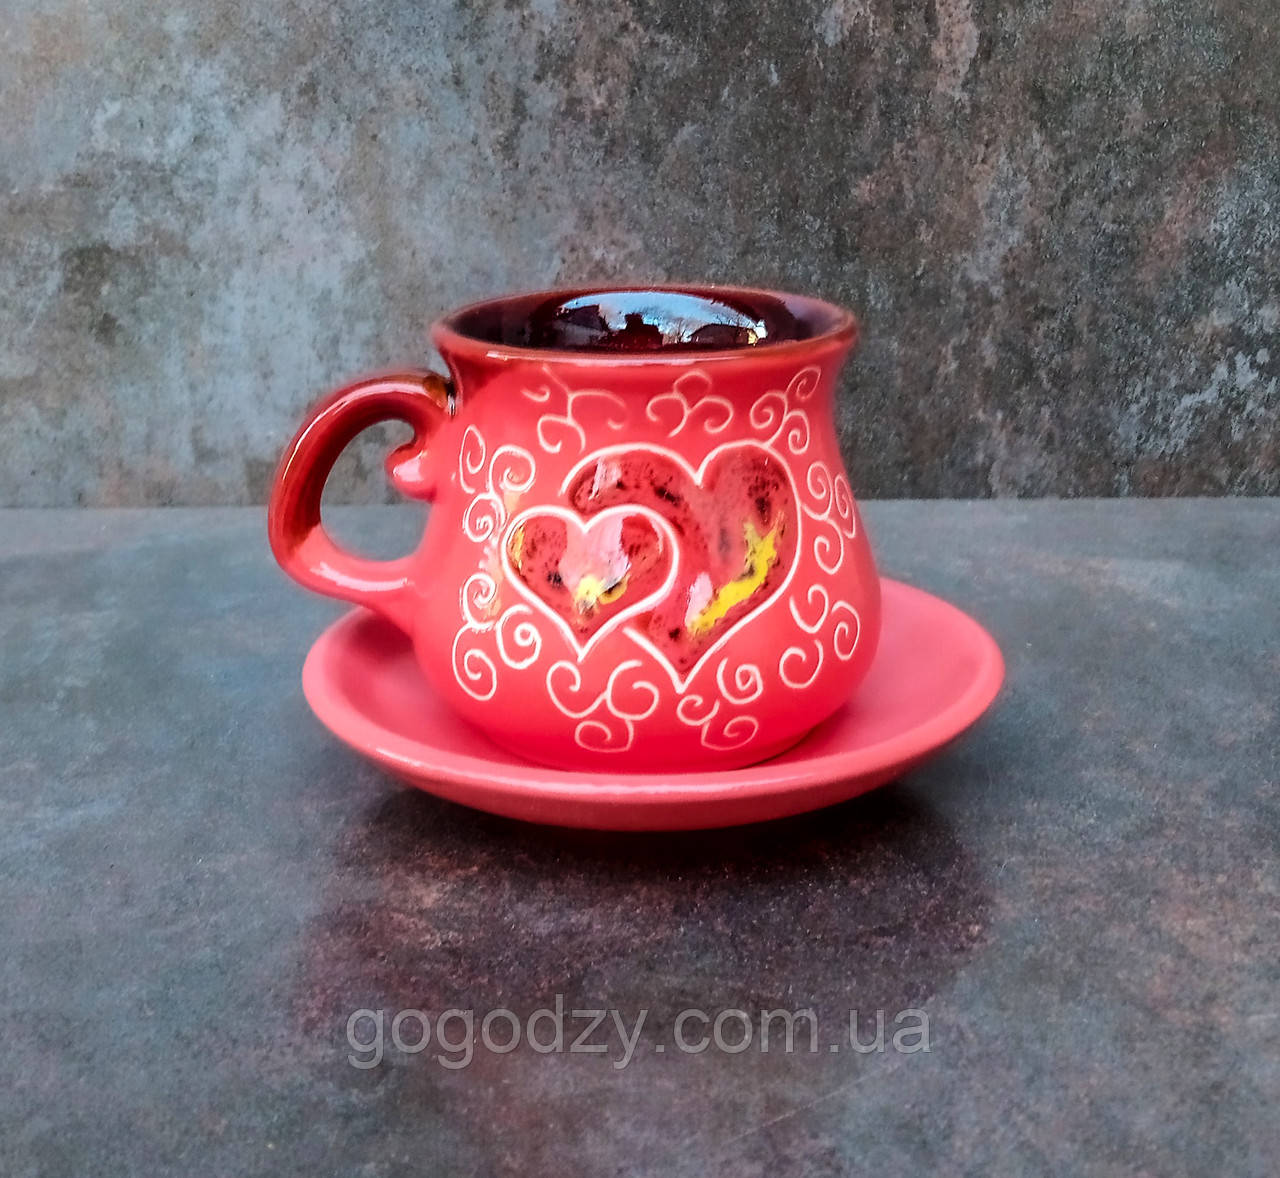 Філіжанка з блюдцем декор Серце червона